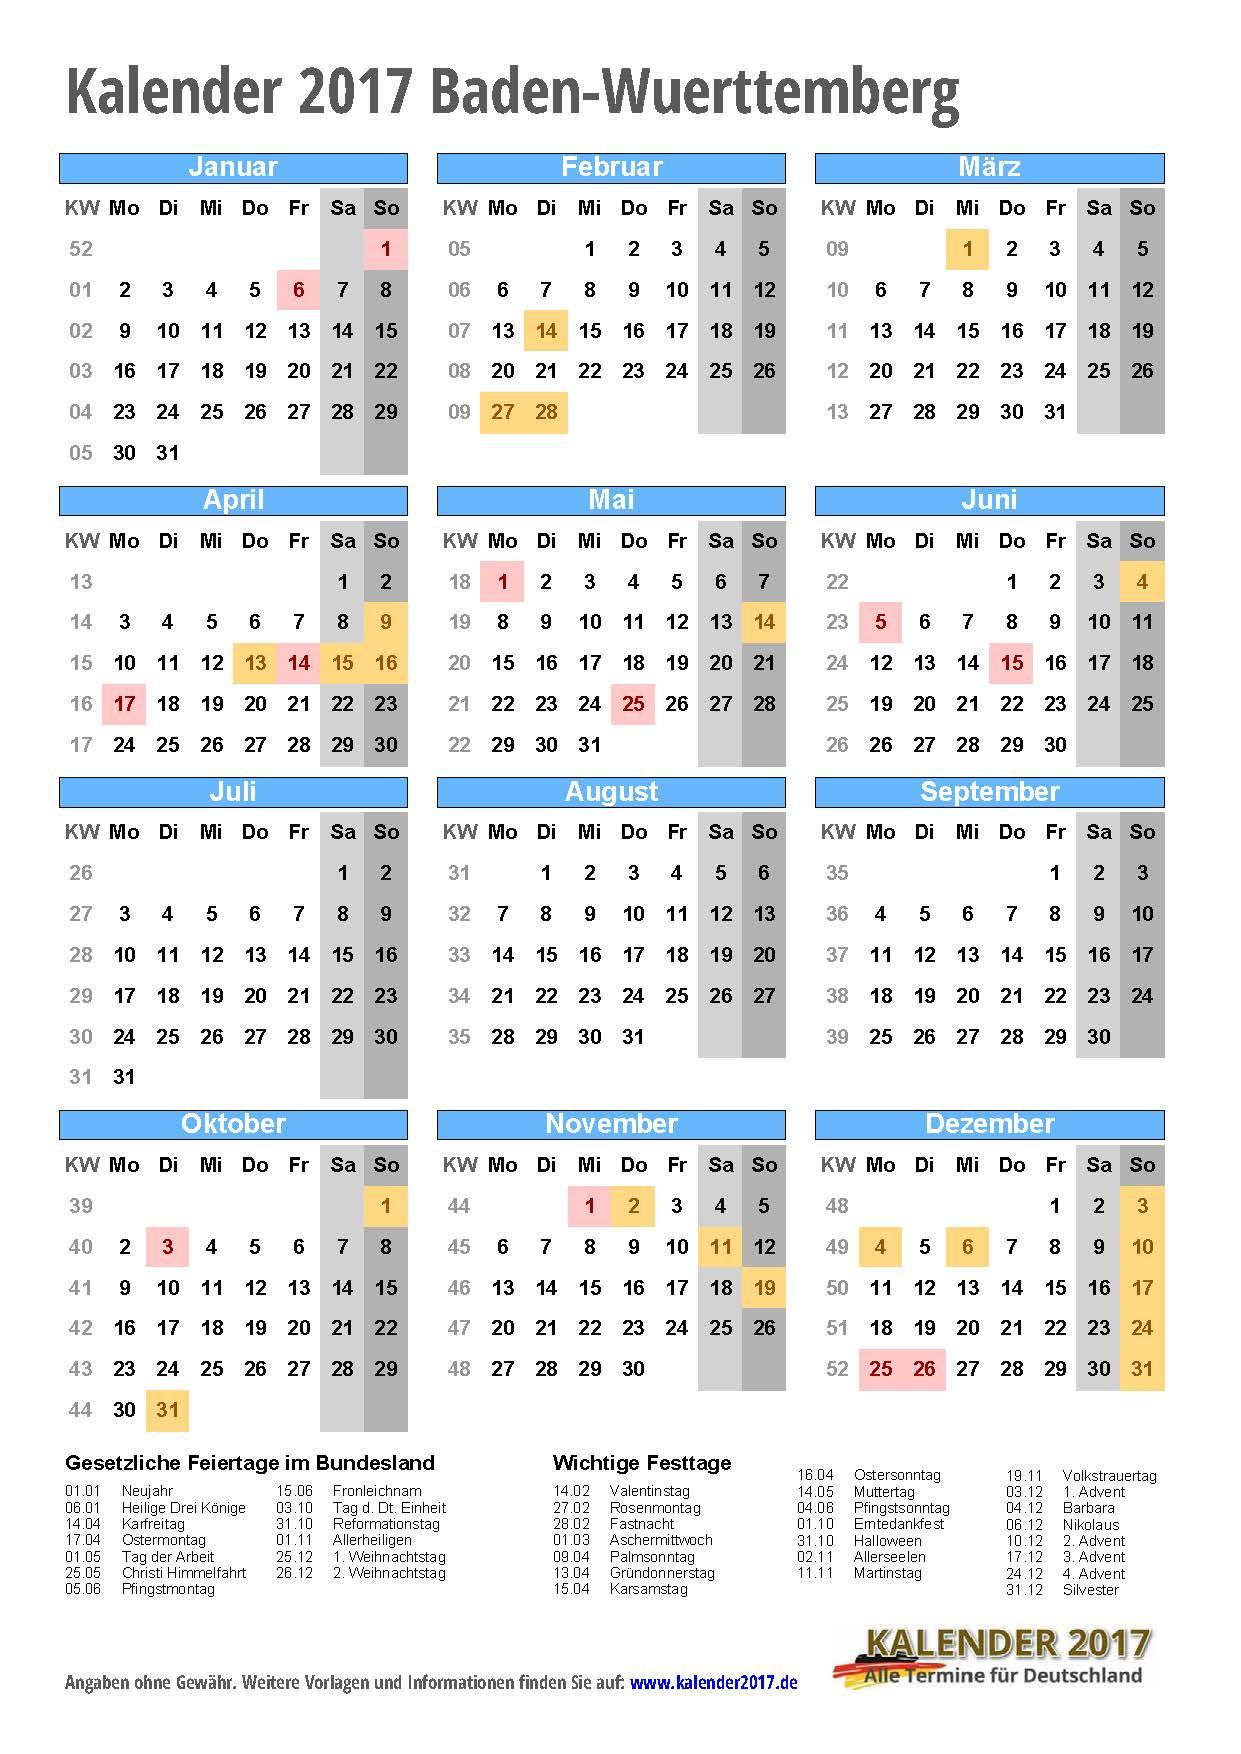 kalender 2017 baden w rttemberg zum ausdrucken kalender 2017. Black Bedroom Furniture Sets. Home Design Ideas